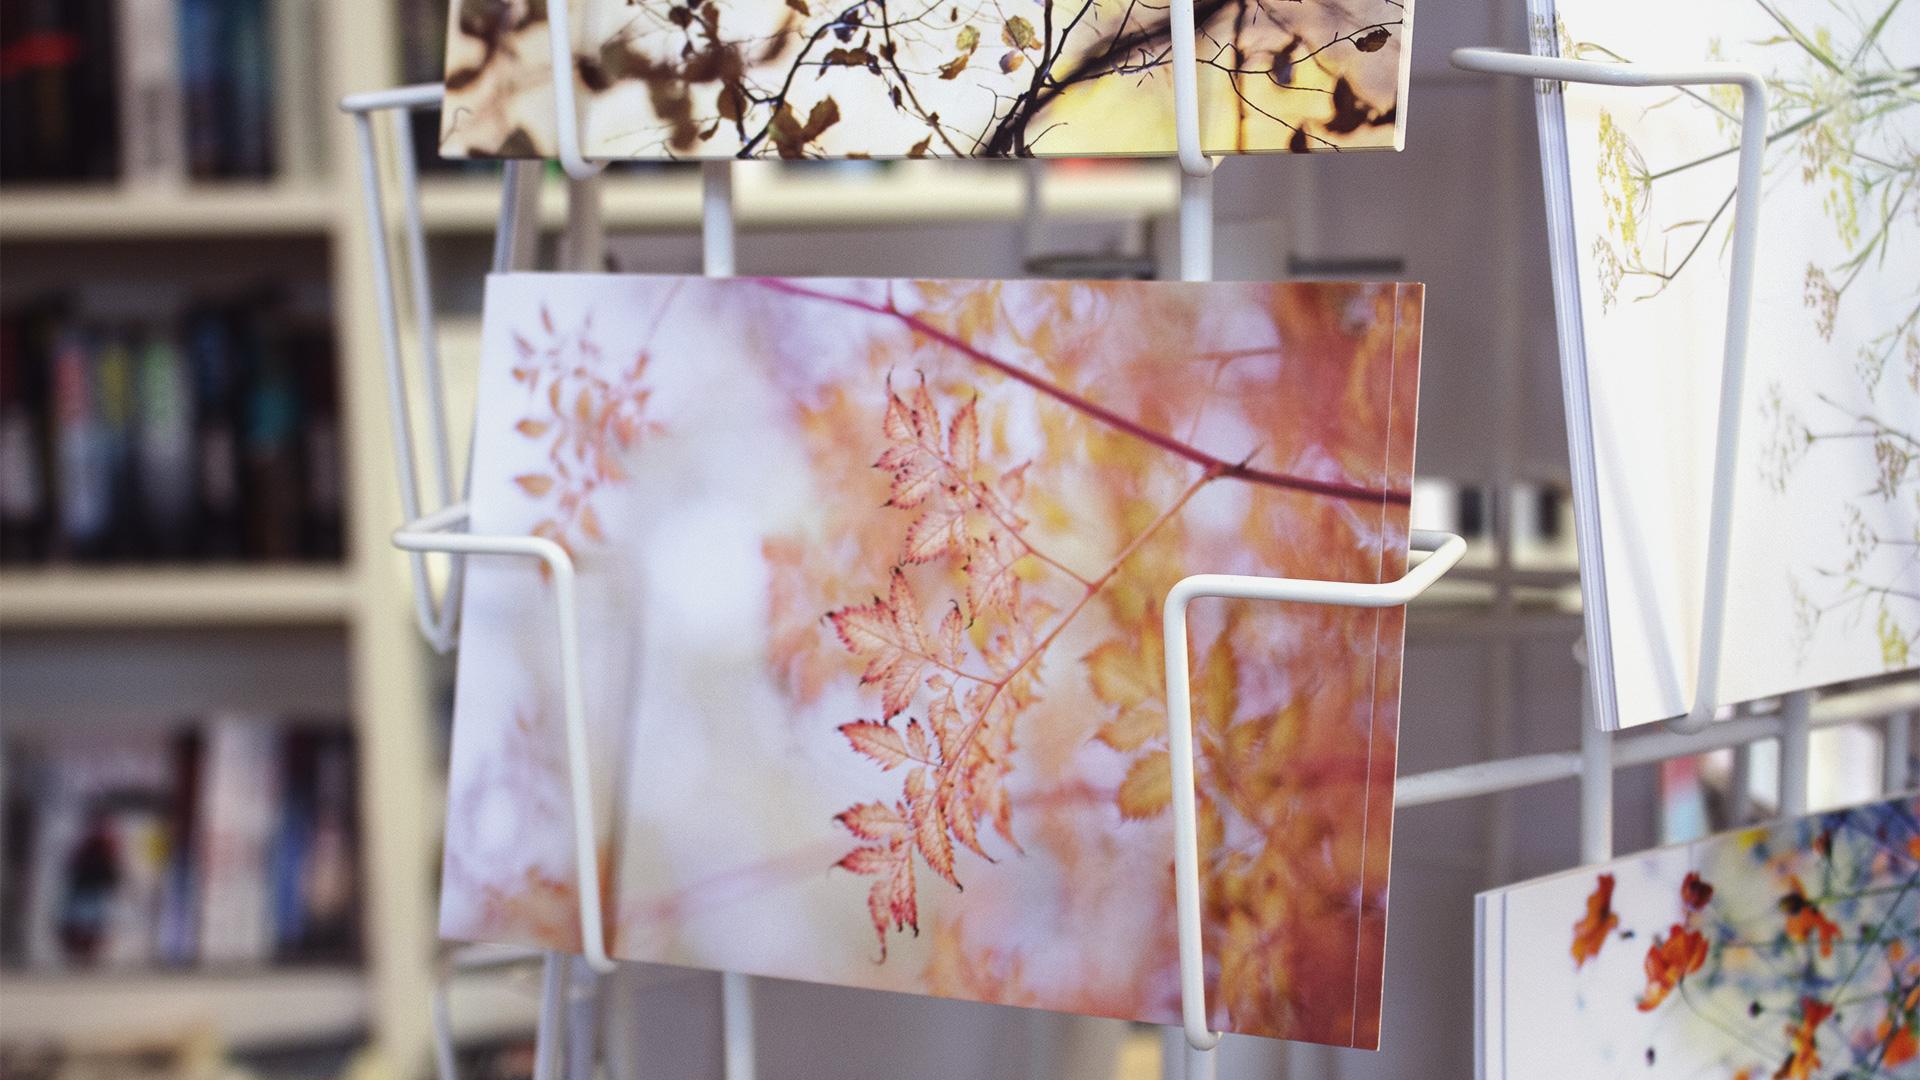 Farbenfrohe Postkarte mit Blättern in herbstlichen Orange- und Rottönen